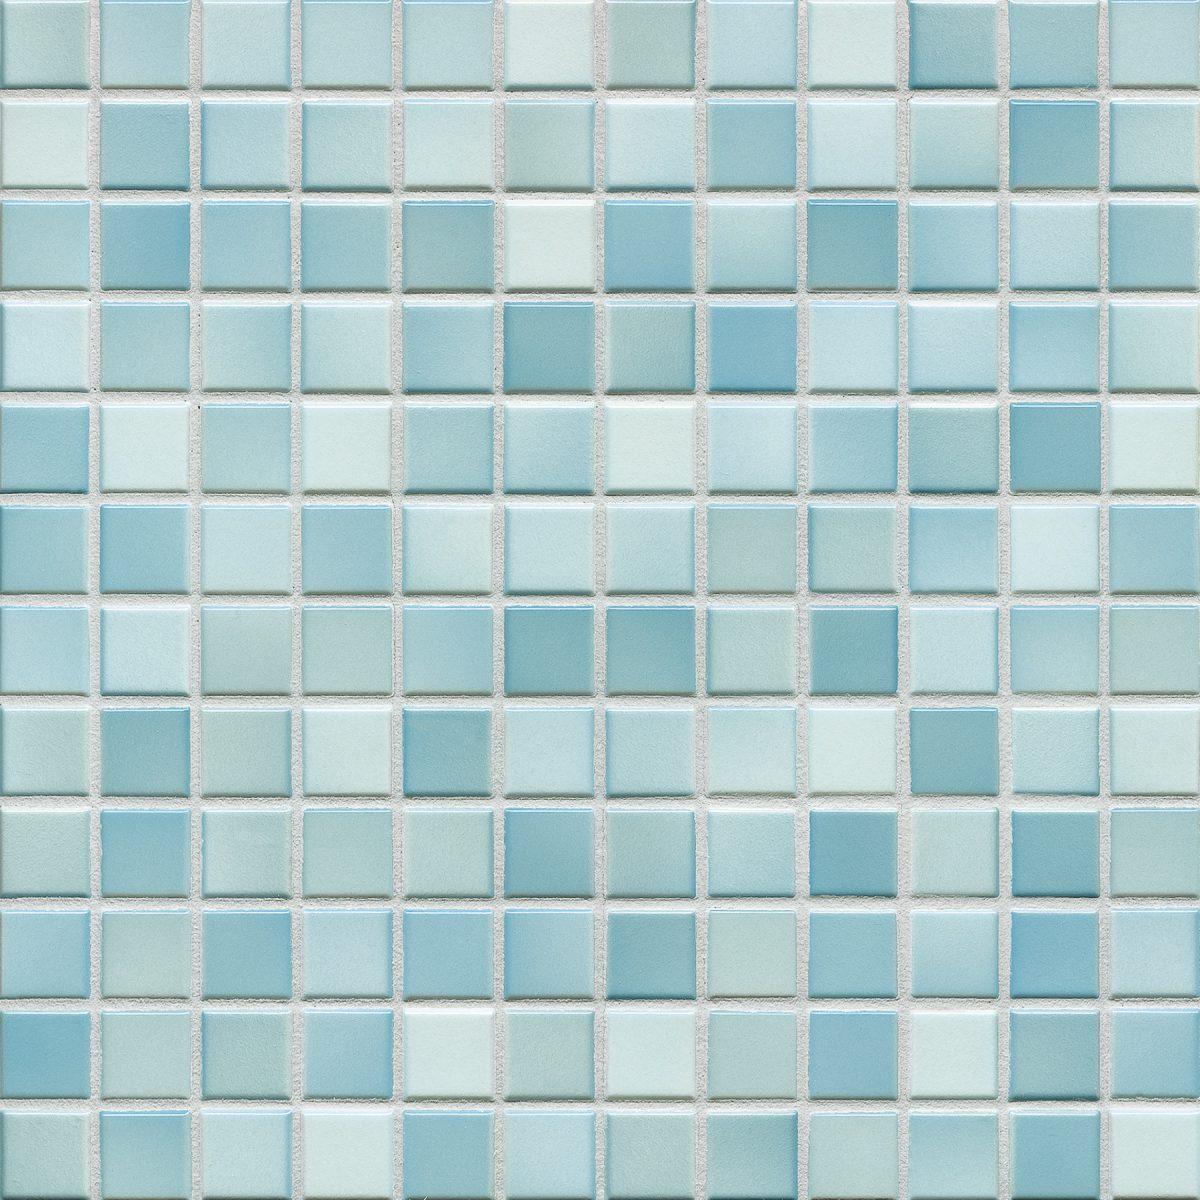 Мозаика серия Fresh 2,4 X 2,4 см Light Blue Mix Glossy (глазурованная)